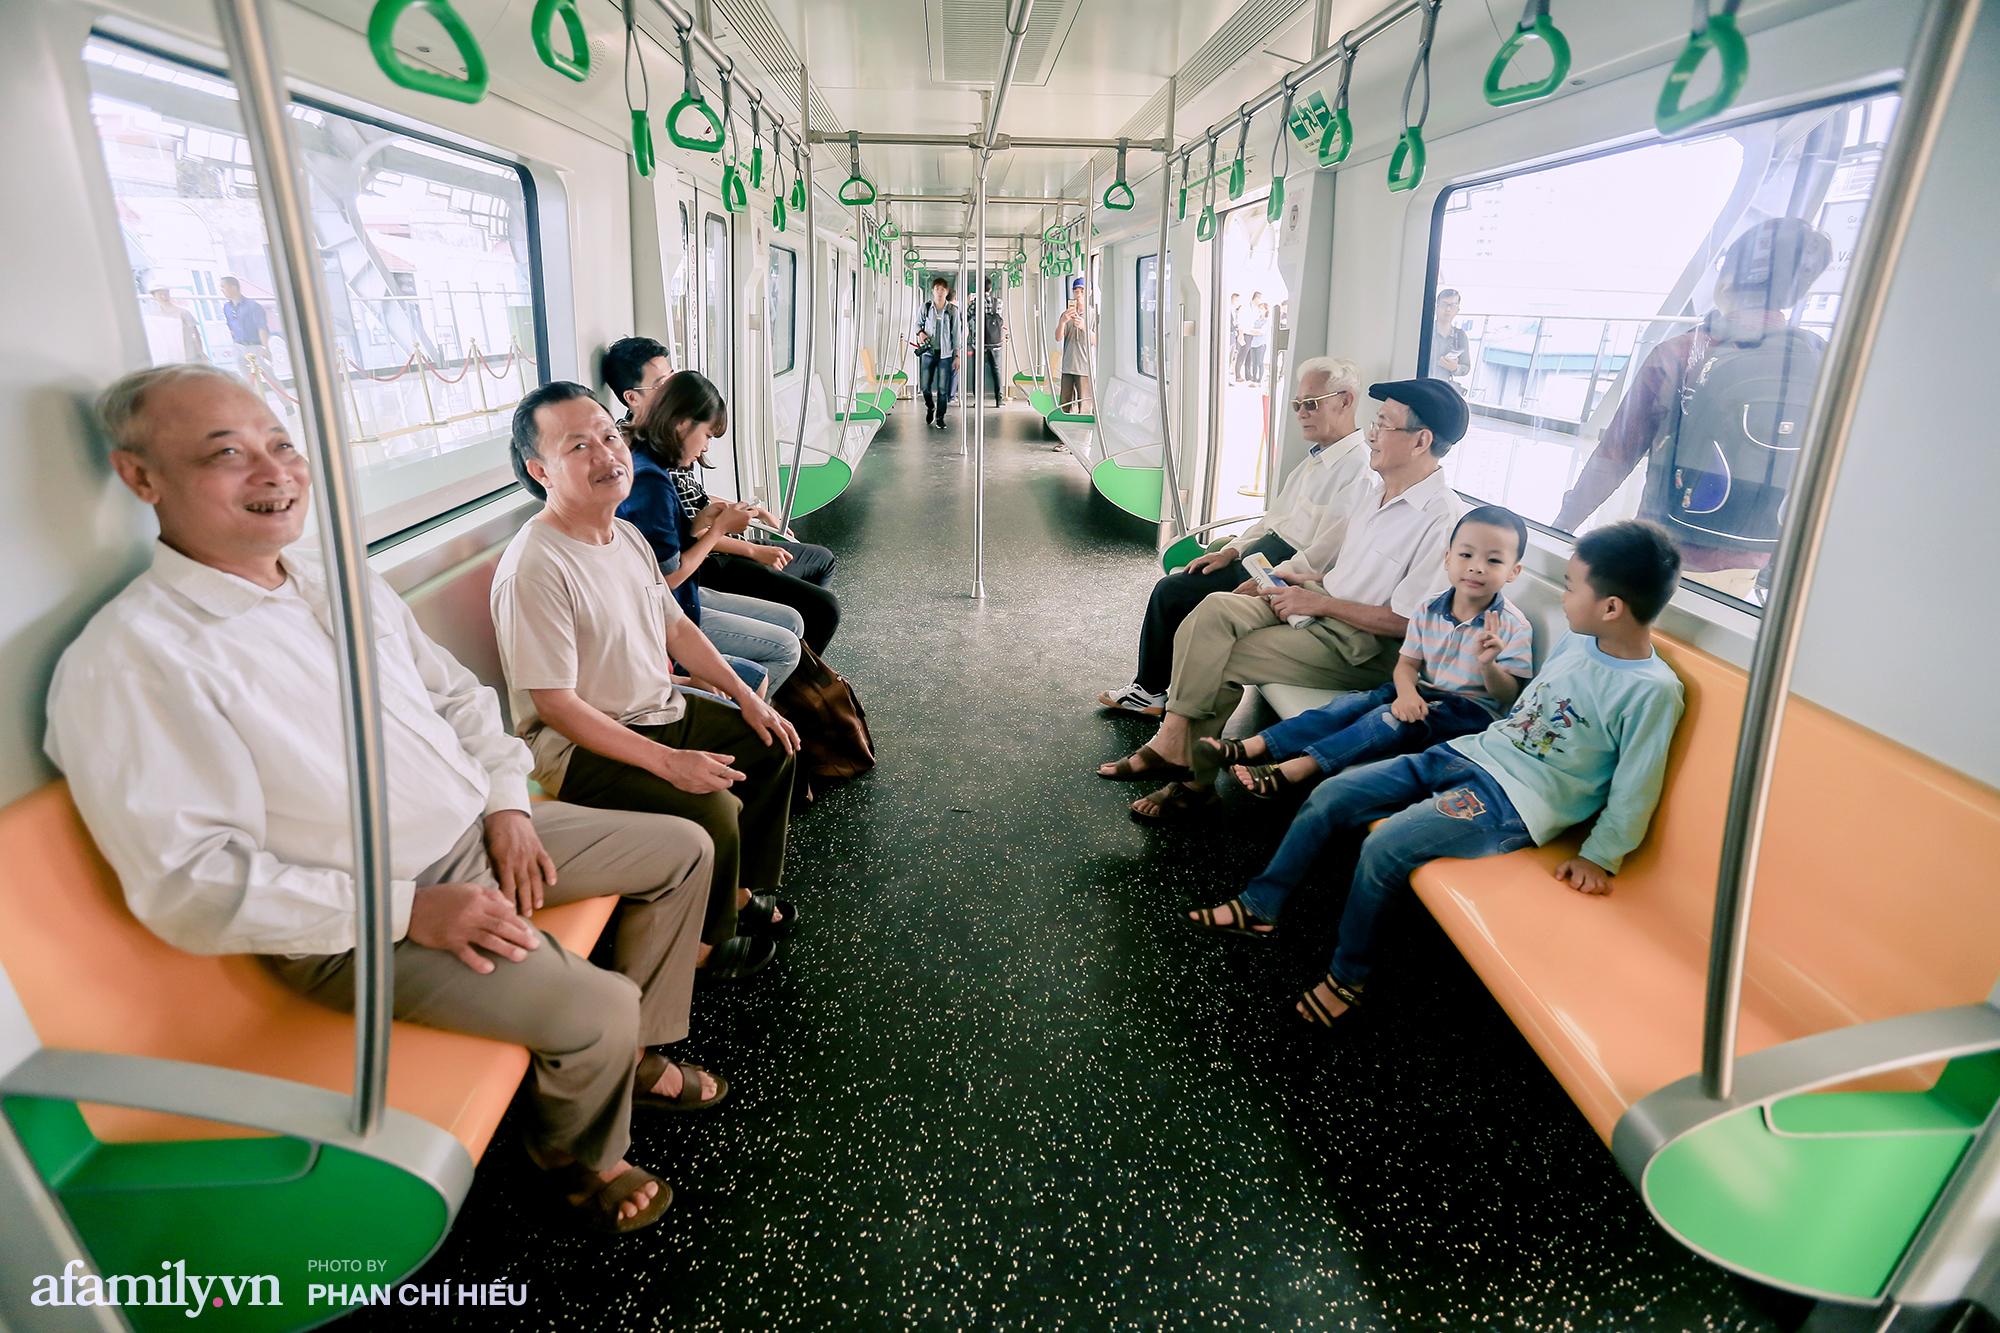 Tuyến đường sắt Cát Linh- Hà Đông đẹp cỡ nào mà được nhiều reviewer khen hết lời, lại còn rủ nhau đi mua vest để chuẩn bị đi thử trong năm 2021 - Ảnh 8.